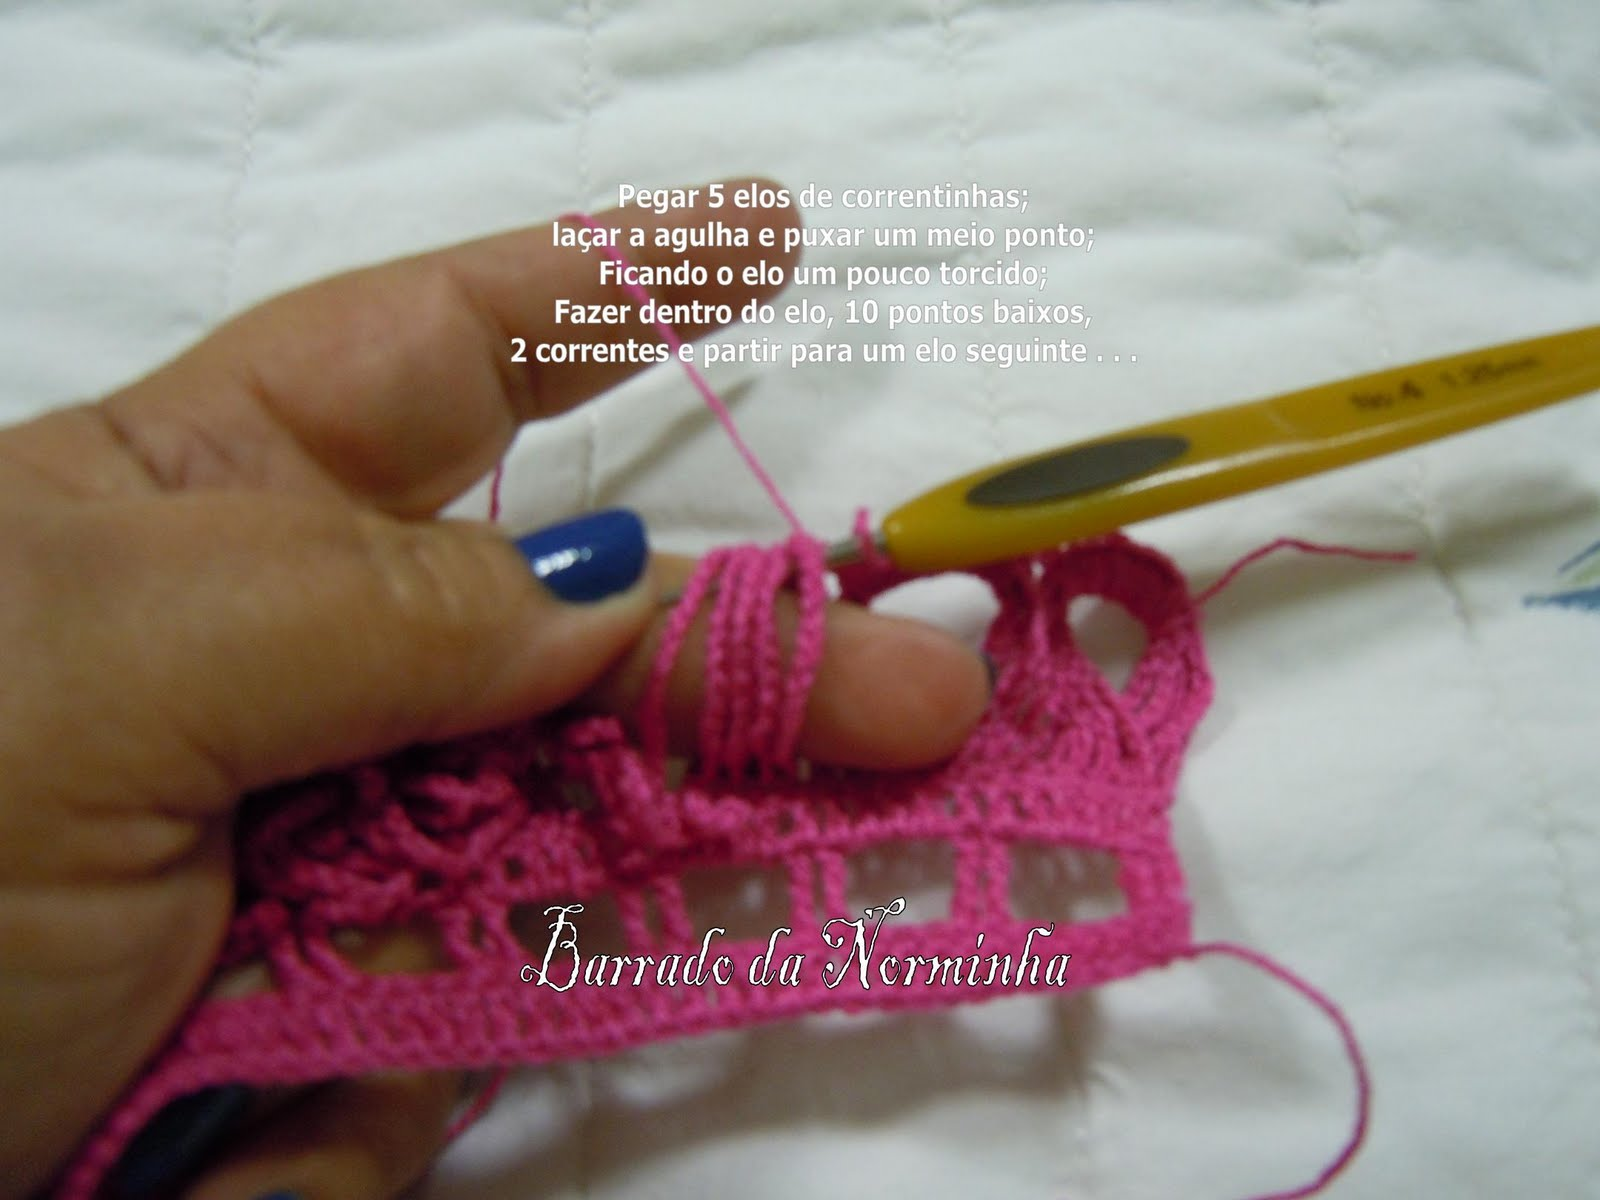 http://4.bp.blogspot.com/-keewq4fRUw4/Tdn42GKQsPI/AAAAAAAAHIk/q8C9zYEEr3o/s1600/BarraMacrPAP1.jpg